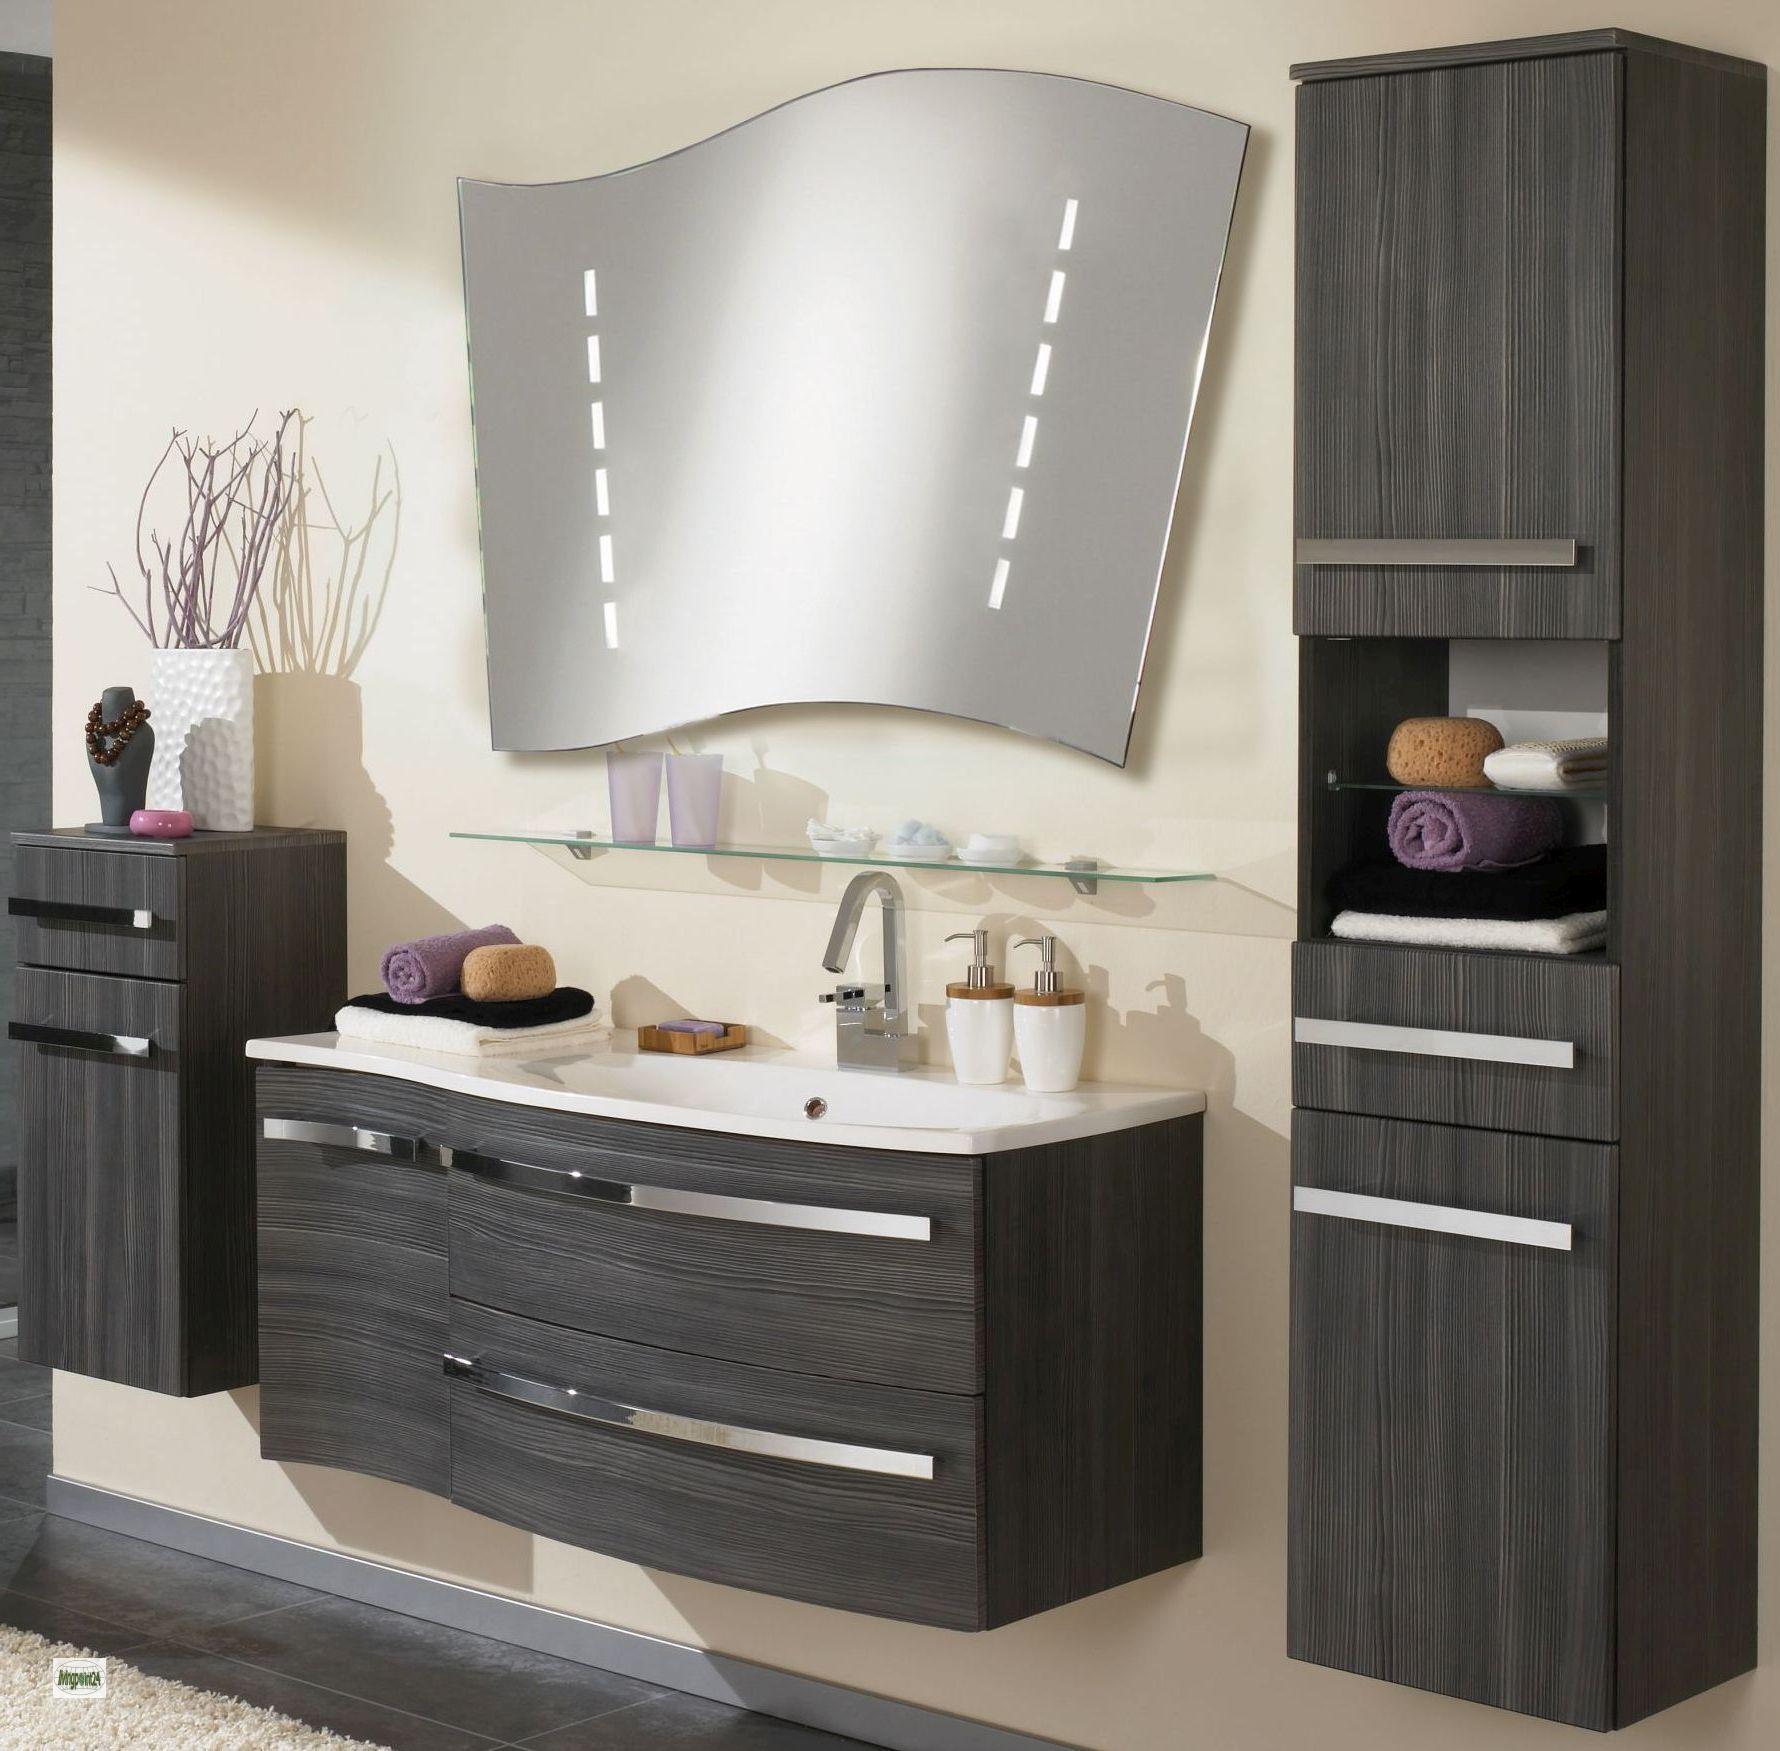 Mobili da bagno 5 parti specchio lavabo 110cm larghezza - Mobili bagno su ebay ...